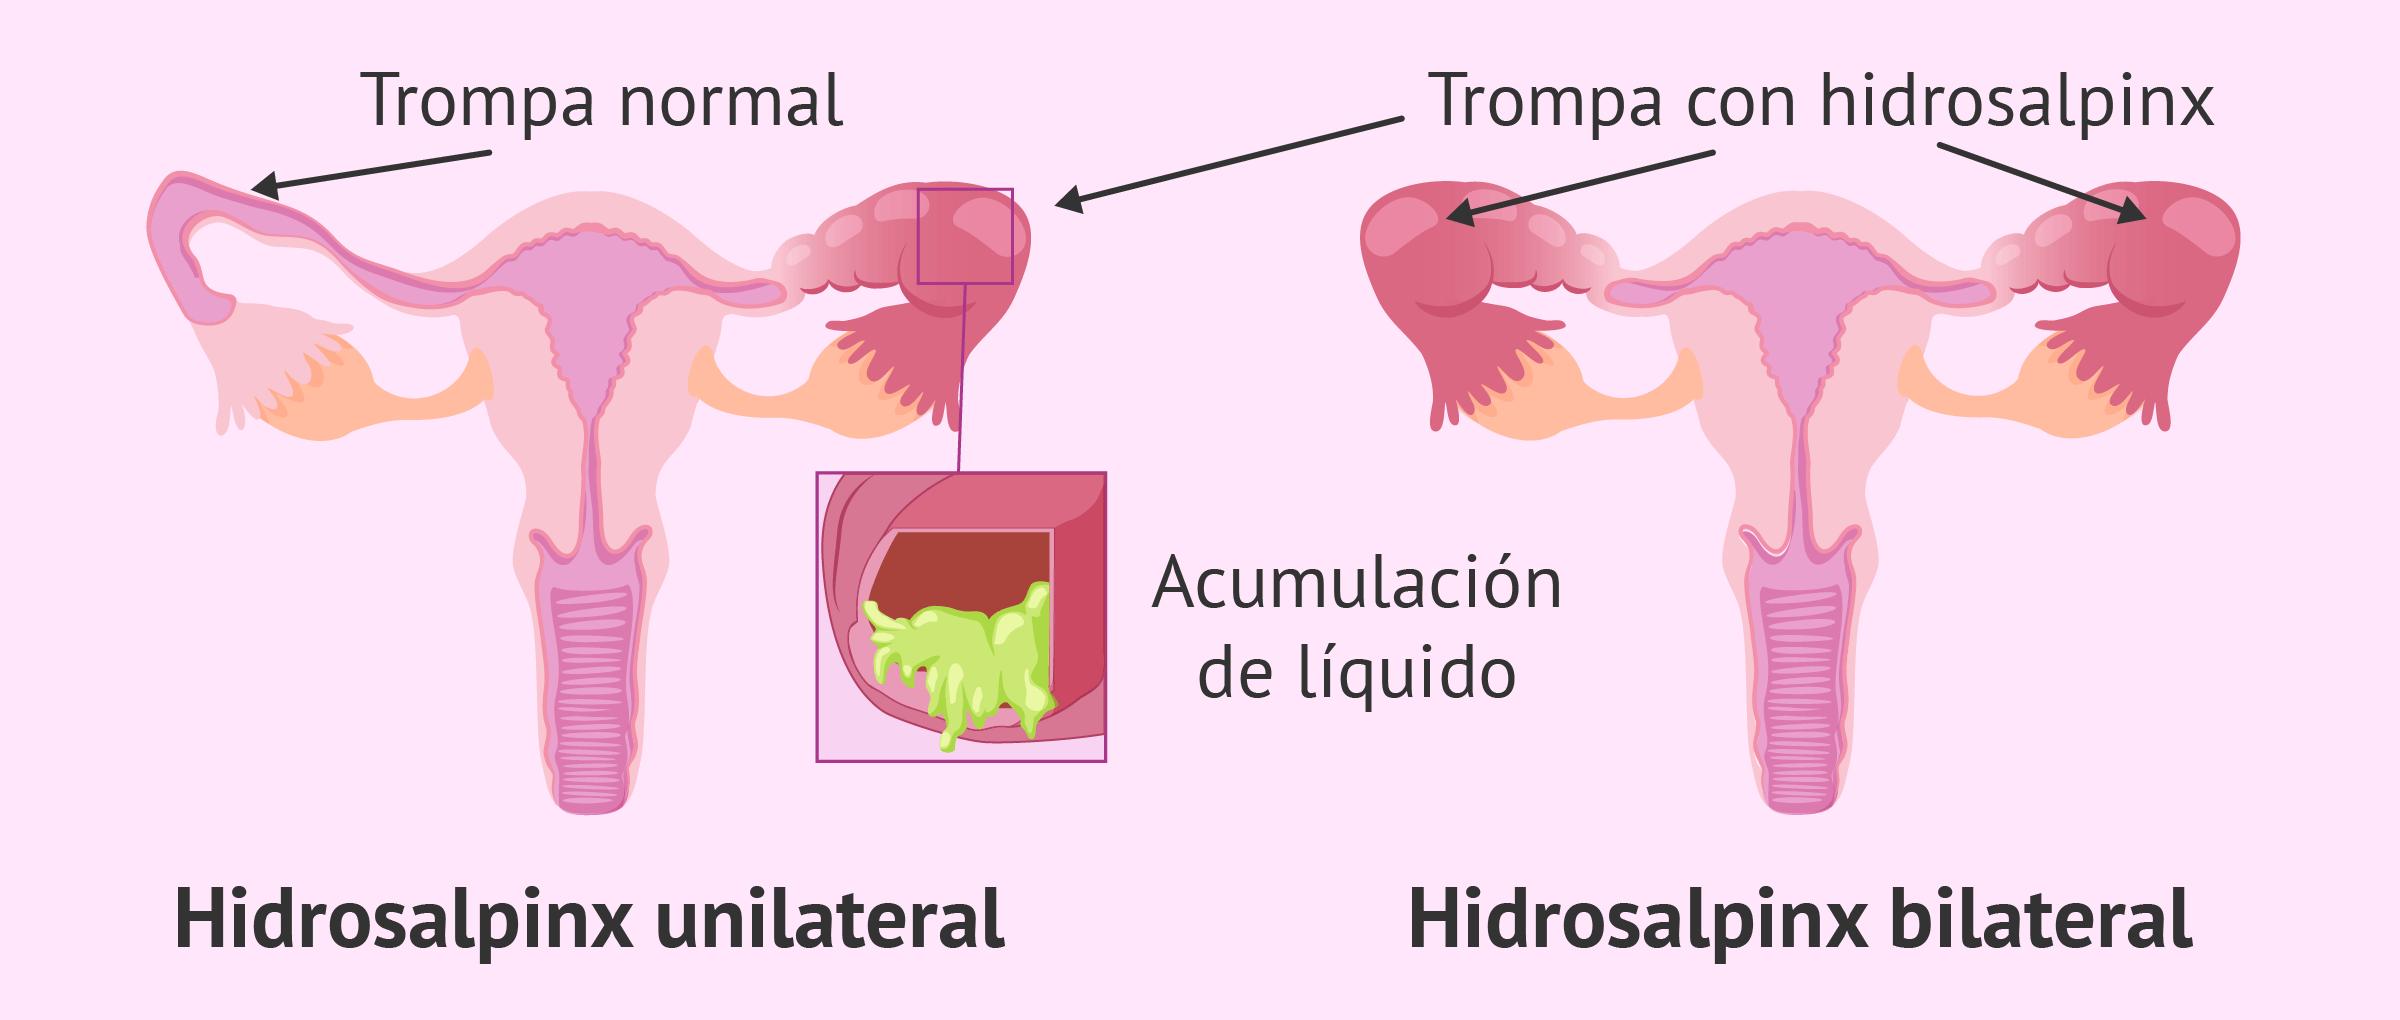 Inflamación de las trompas